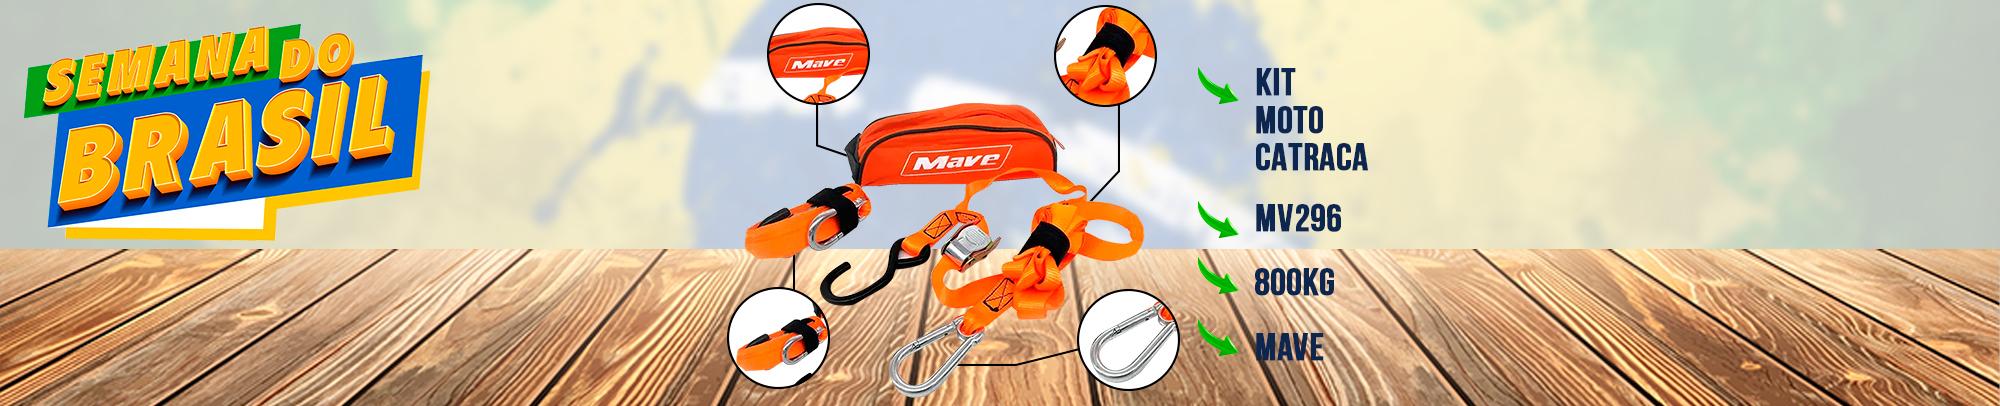 03-09 - Kit Moto Catraca